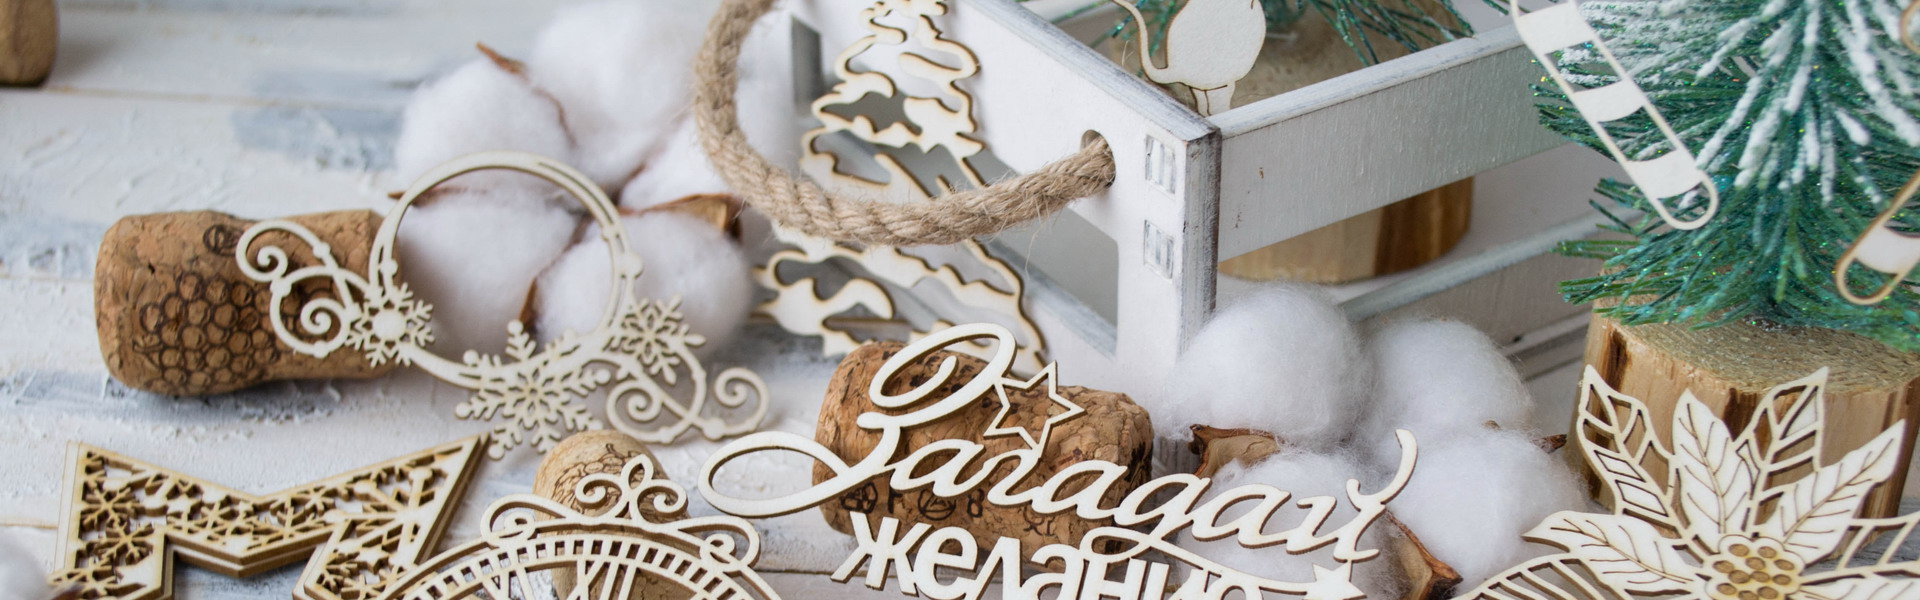 Рождественская и Новый год